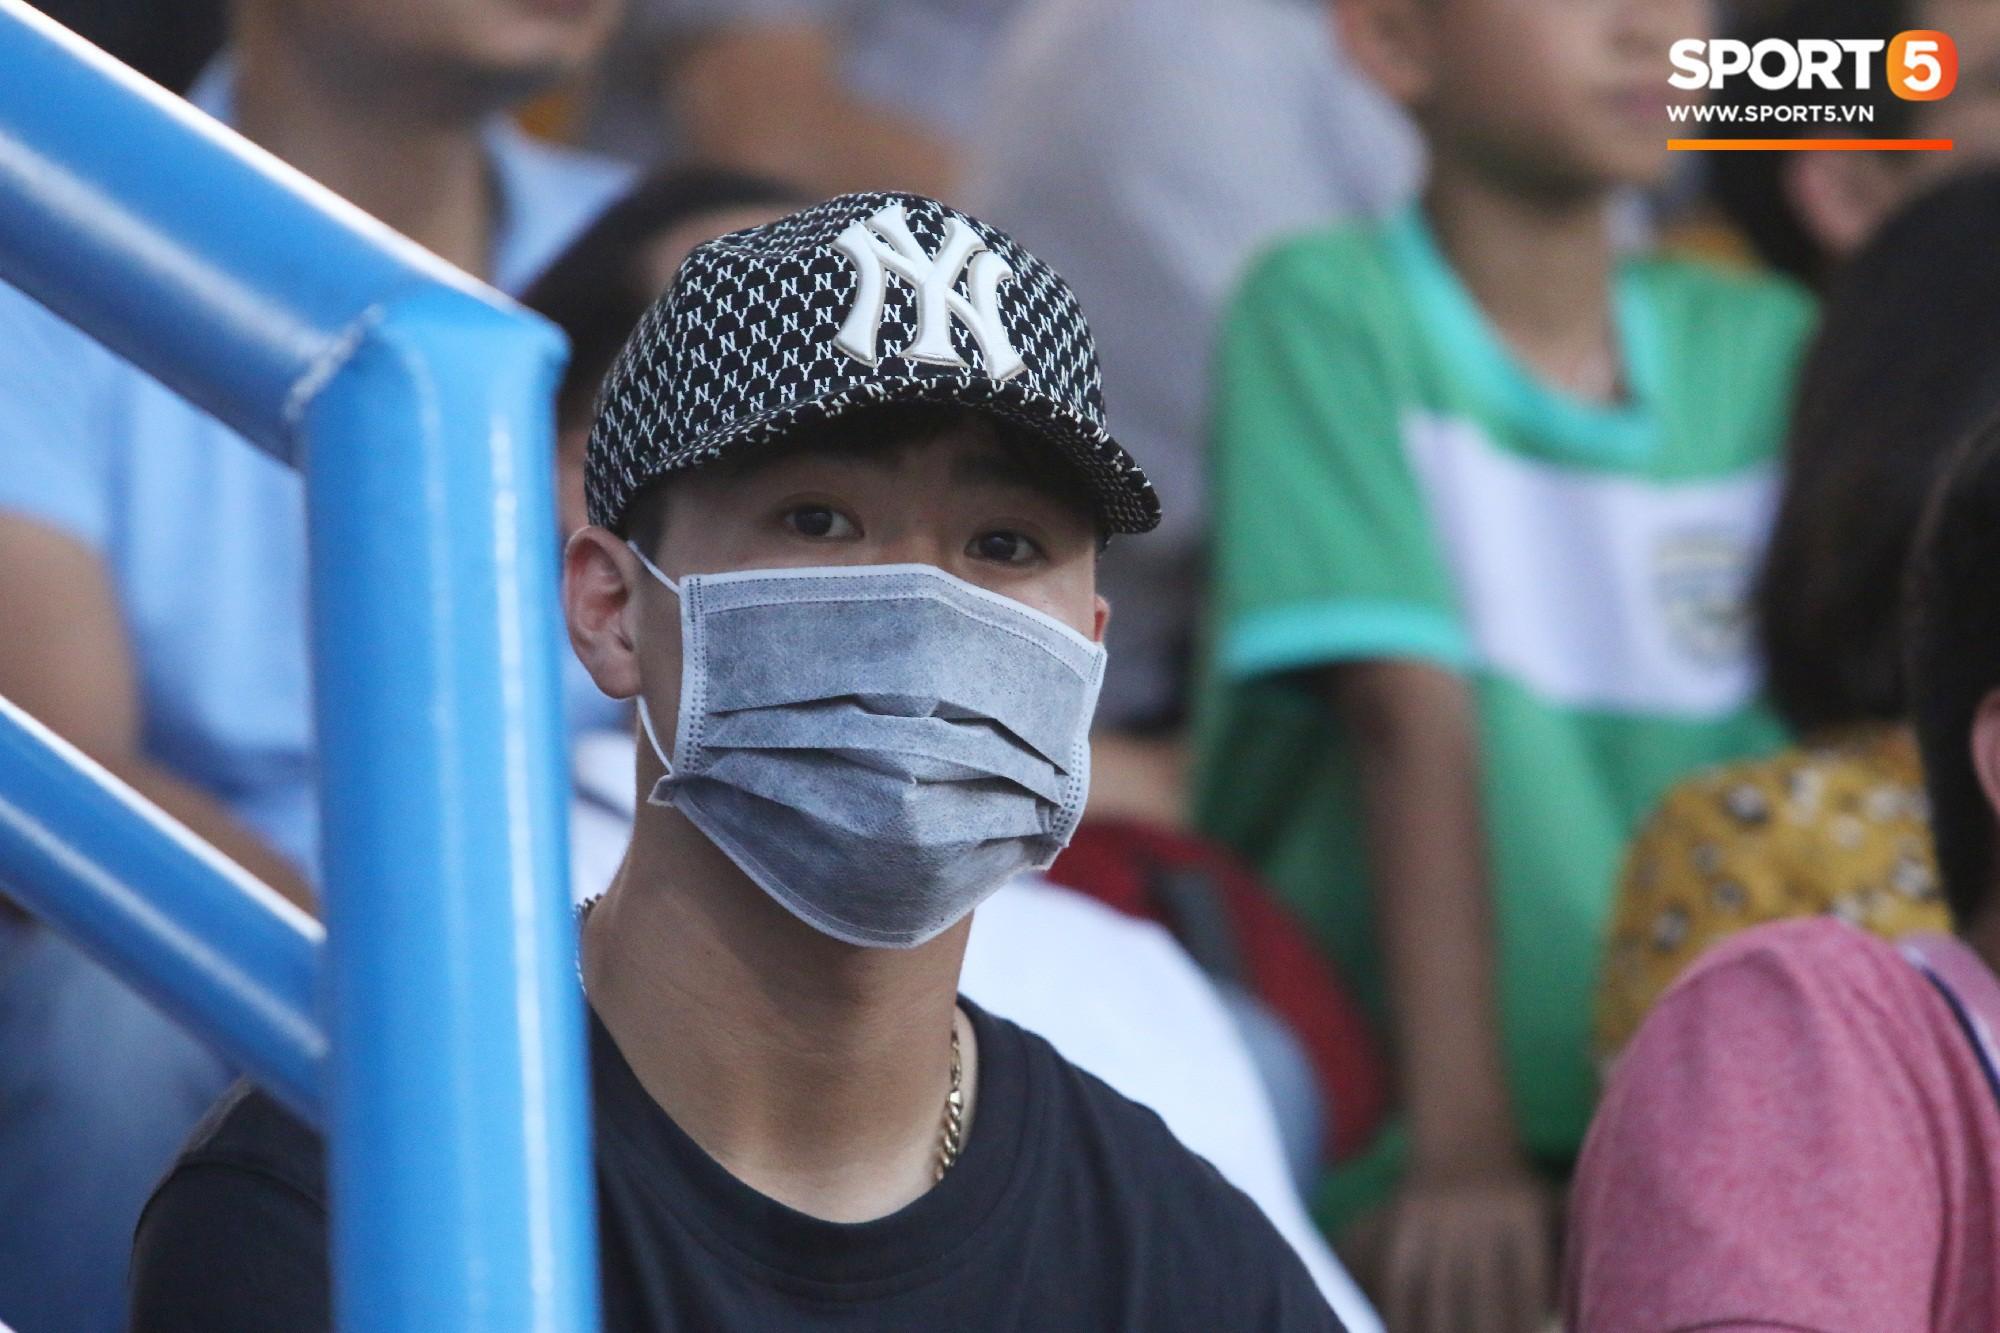 Duy Mạnh lặng lẽ theo dõi đồng đội thi đấu, vẫn bị fan nhí phát hiện vây kín - Ảnh 1.